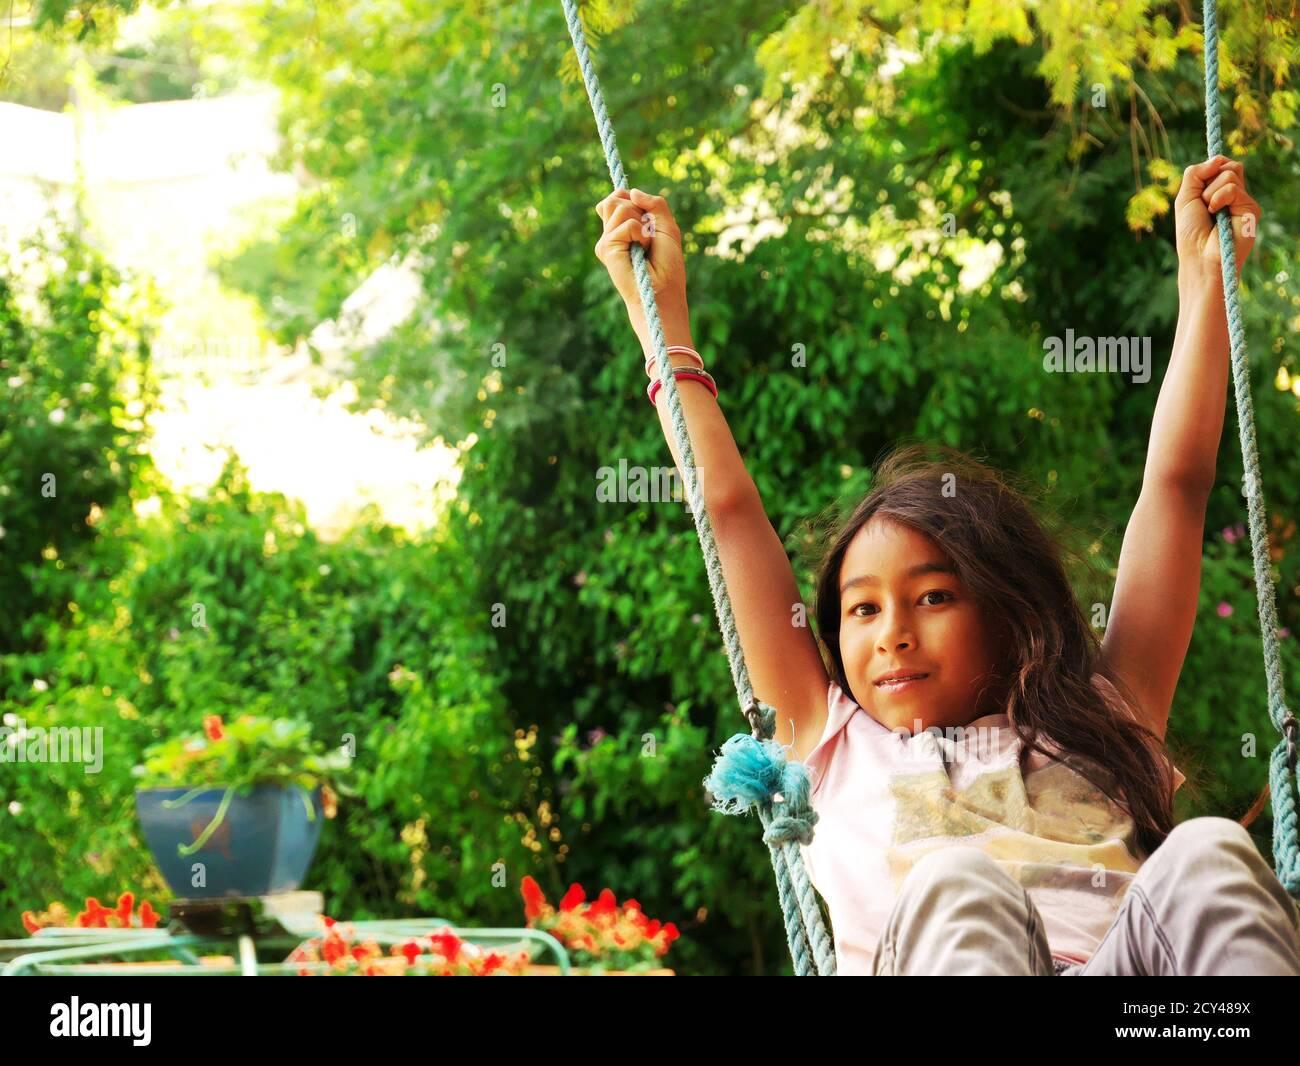 Giovane sorridente ragazza mista che dondola in un parco durante il vacanze Foto Stock